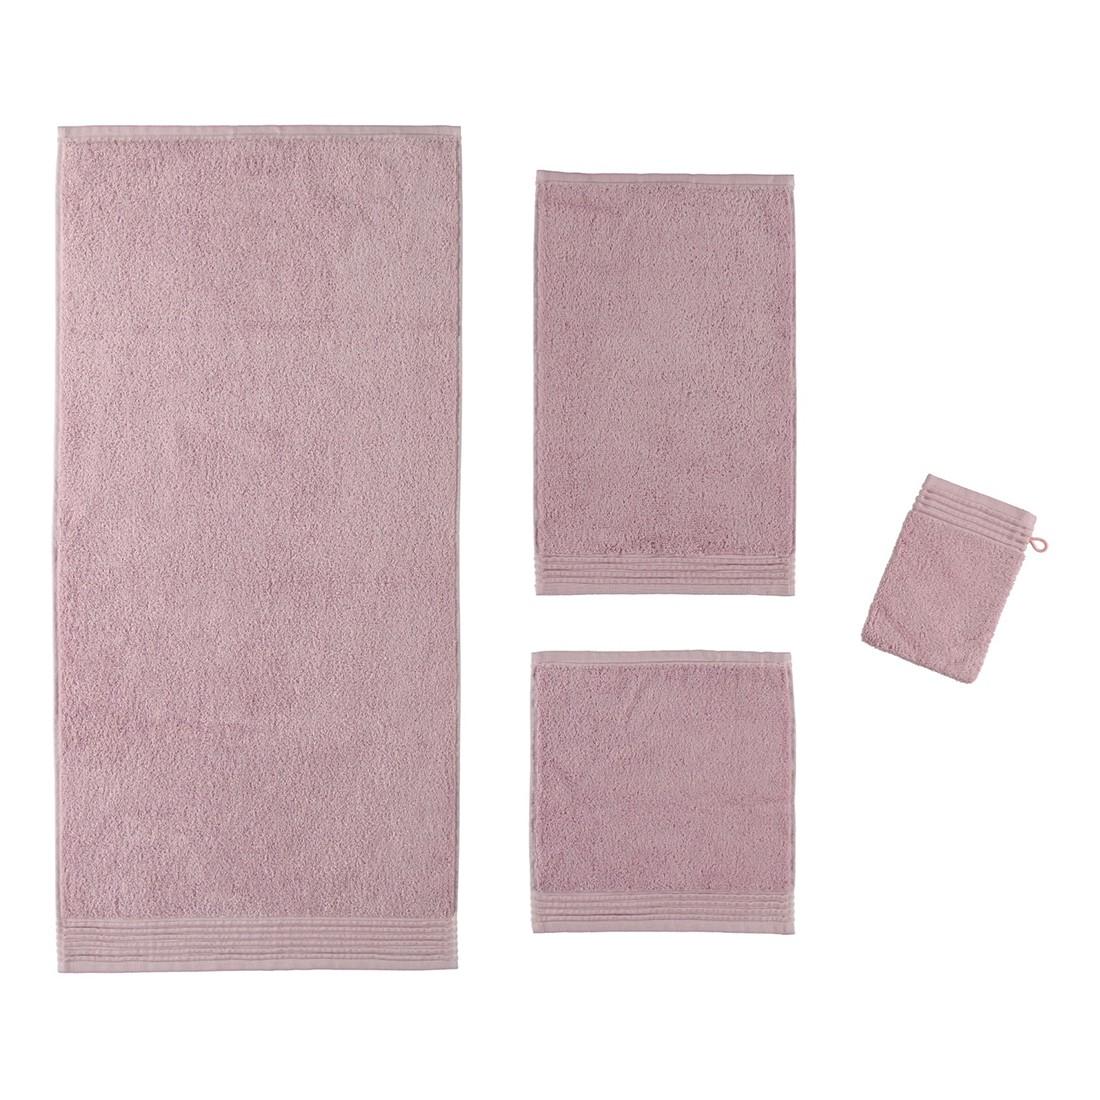 Handtuch LOFT – 100% Baumwolle magnolia – 366 – Seiflappen: 30 x 30 cm, Möve online kaufen